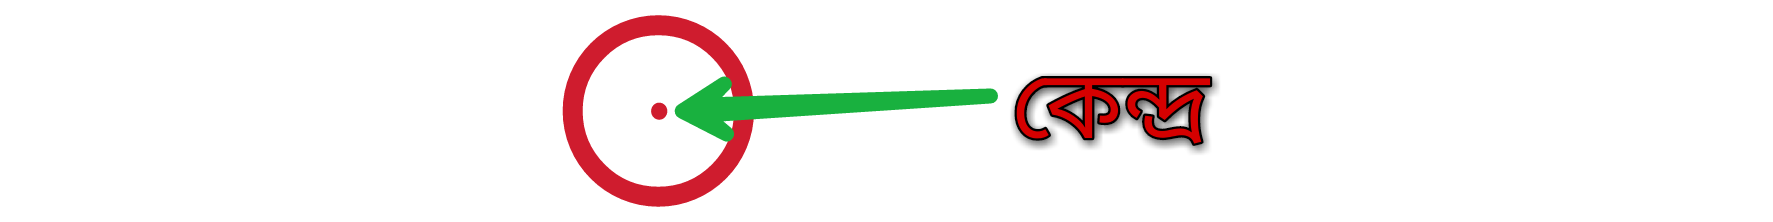 বৃত্ত কি, কাকে বলে, বৃত্তের সূত্র, পরিধি বা পরিসীমা, বৃত্তের ক্ষেত্রফল নির্ণয়ের সূত্র, ব্যাস ও ব্যাসার্ধ, বৃত্তের বৈশিষ্ট্য, জ্যা, বৃত্তচাপ ও বৃত্তকলা